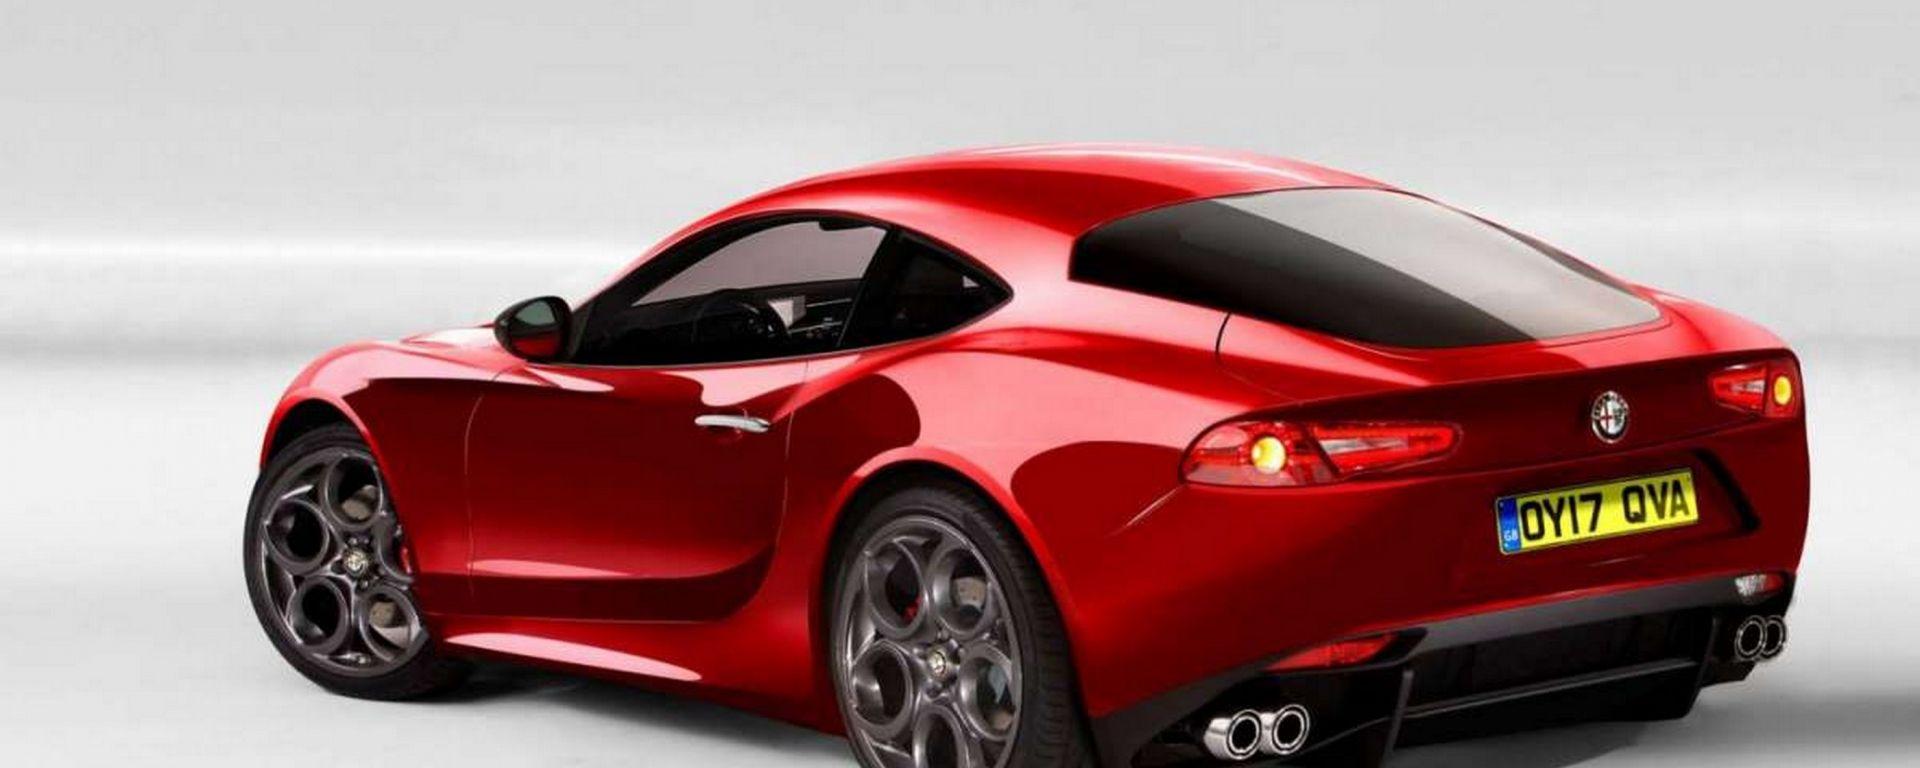 La notizia dell'Alfa Romeo Giulia Coupé altro non sarebbe stata se non un'indagine di mercato